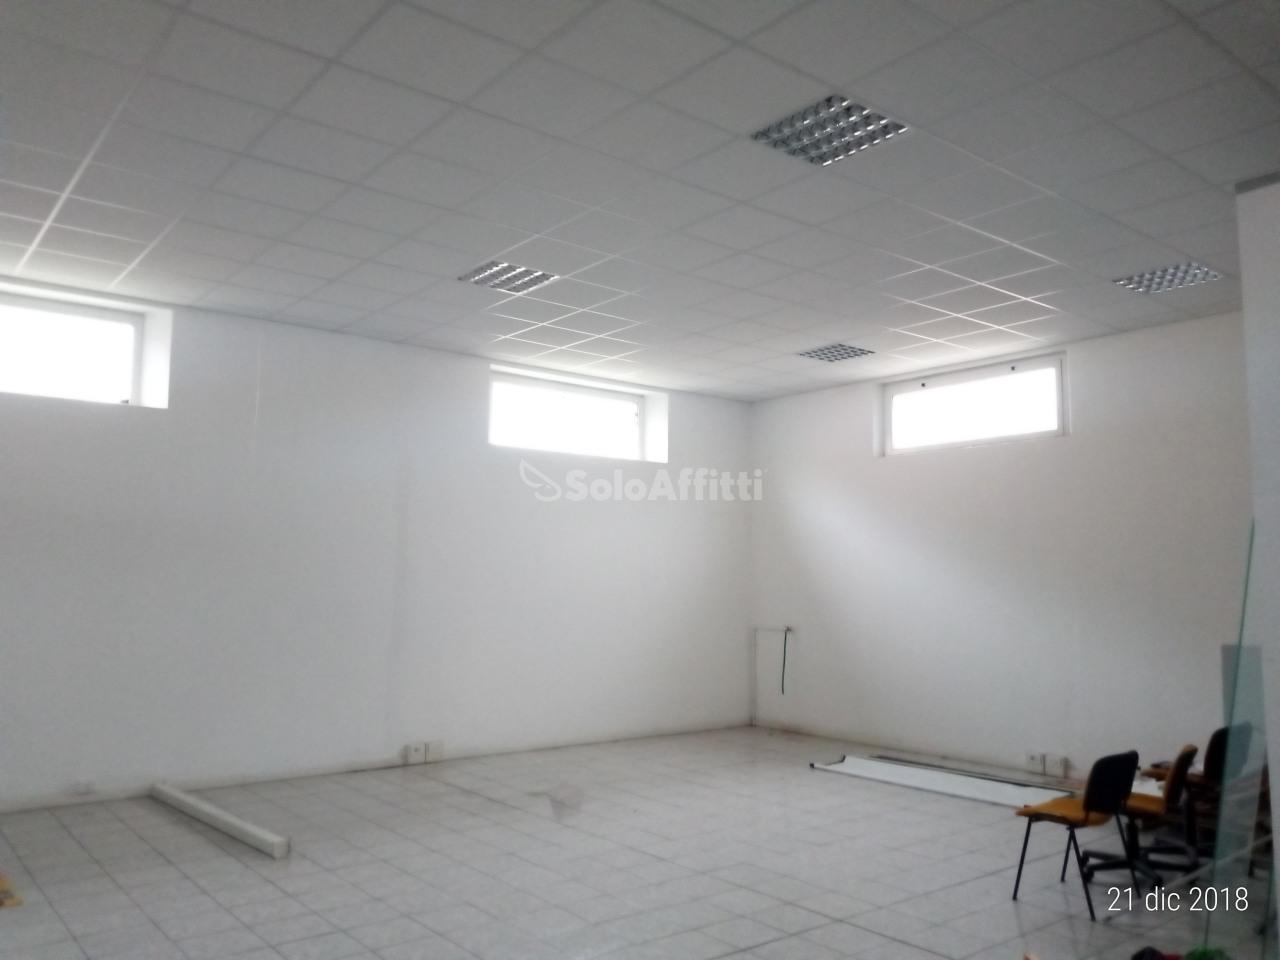 Fondo/negozio - 2 vetrine/luci a Cuccurano, Fano